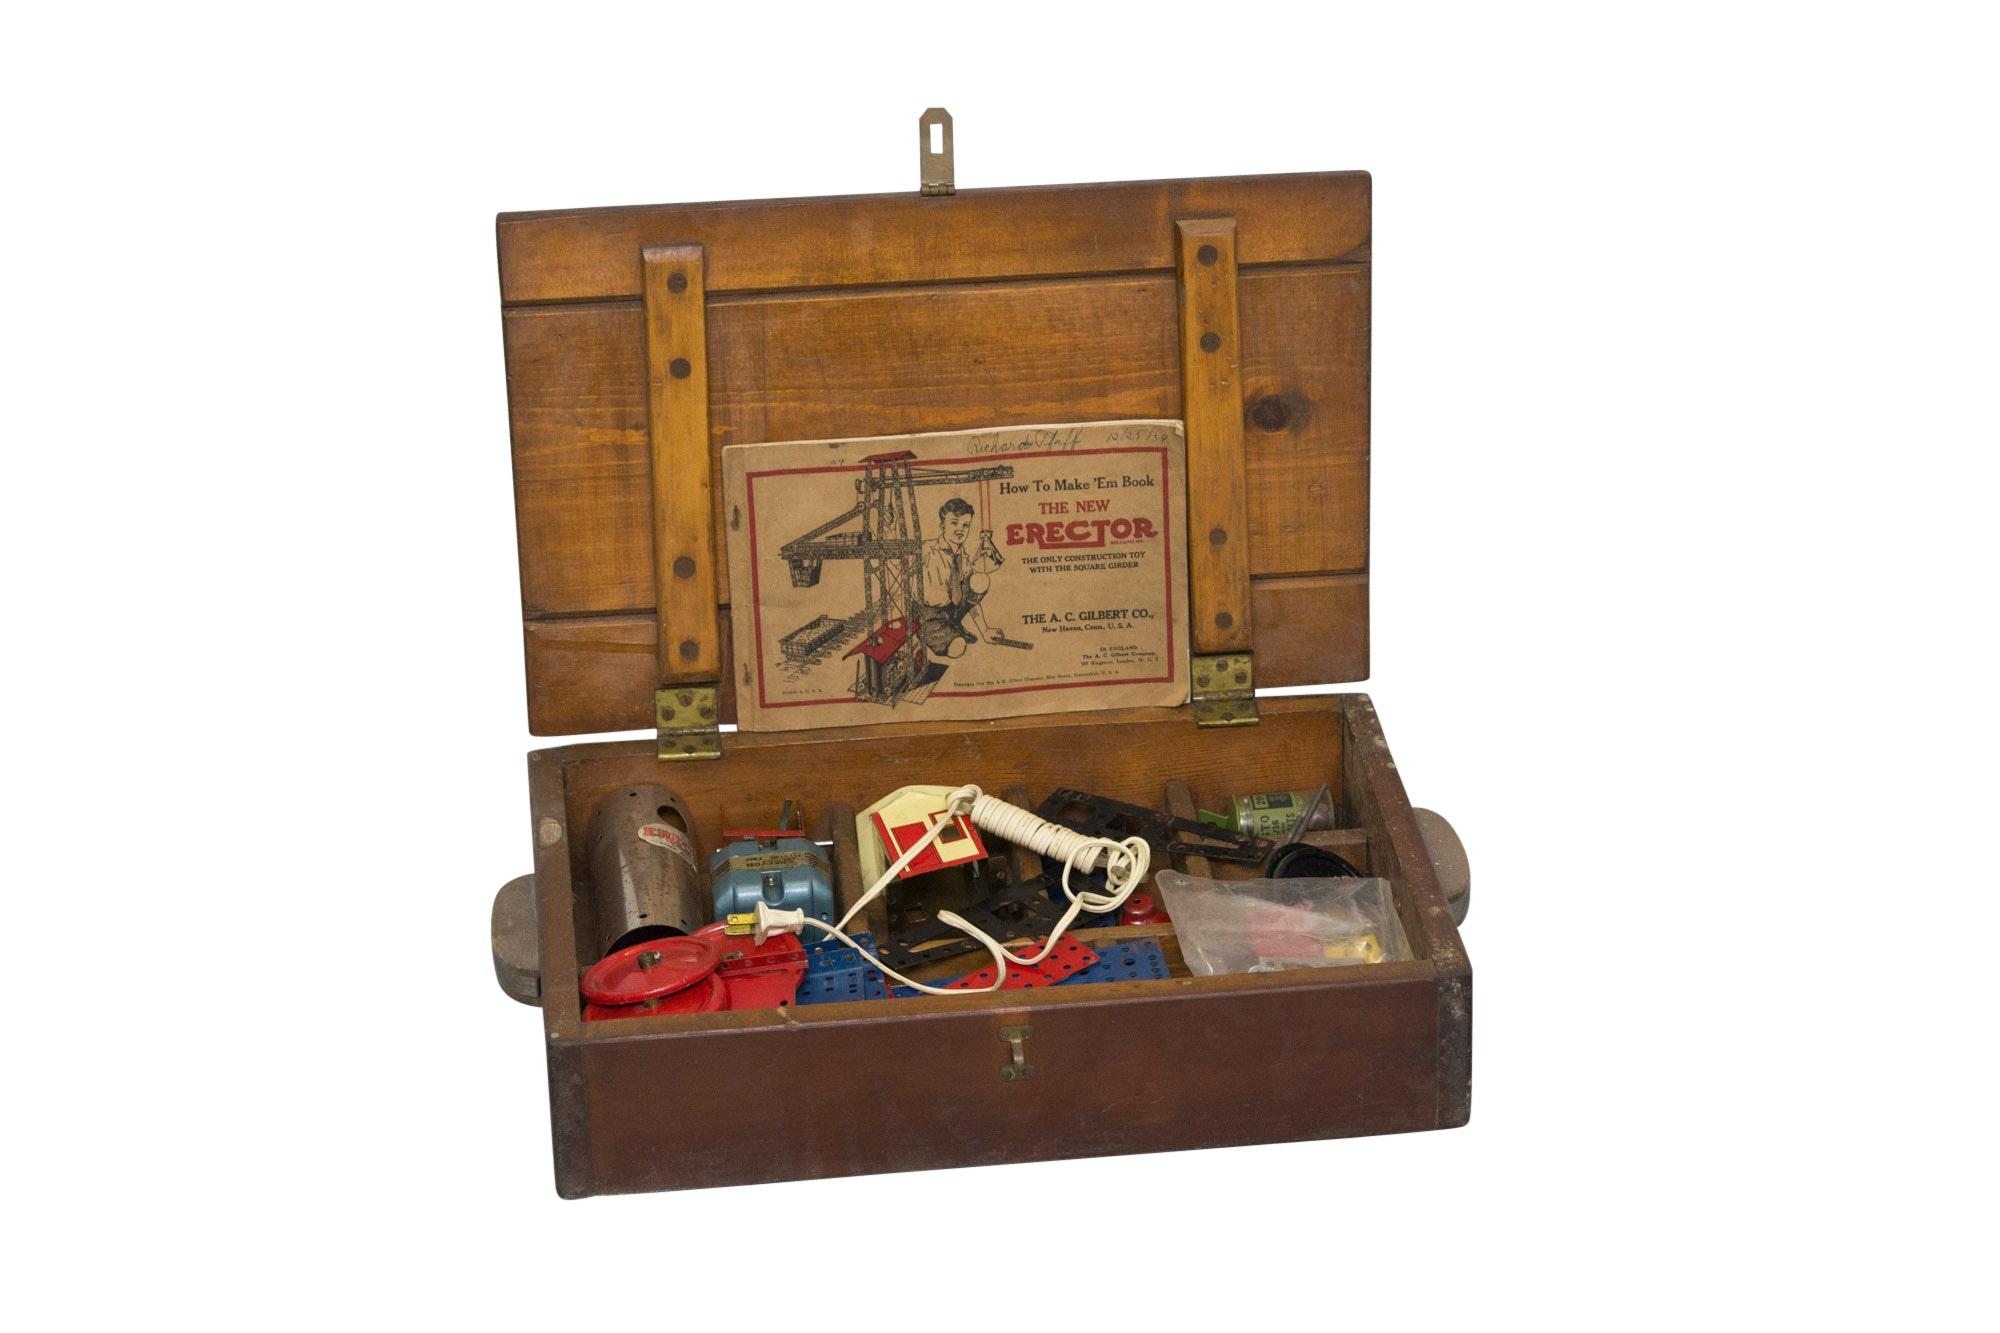 Wooden Boxed A.C. Gilbert Erector Set